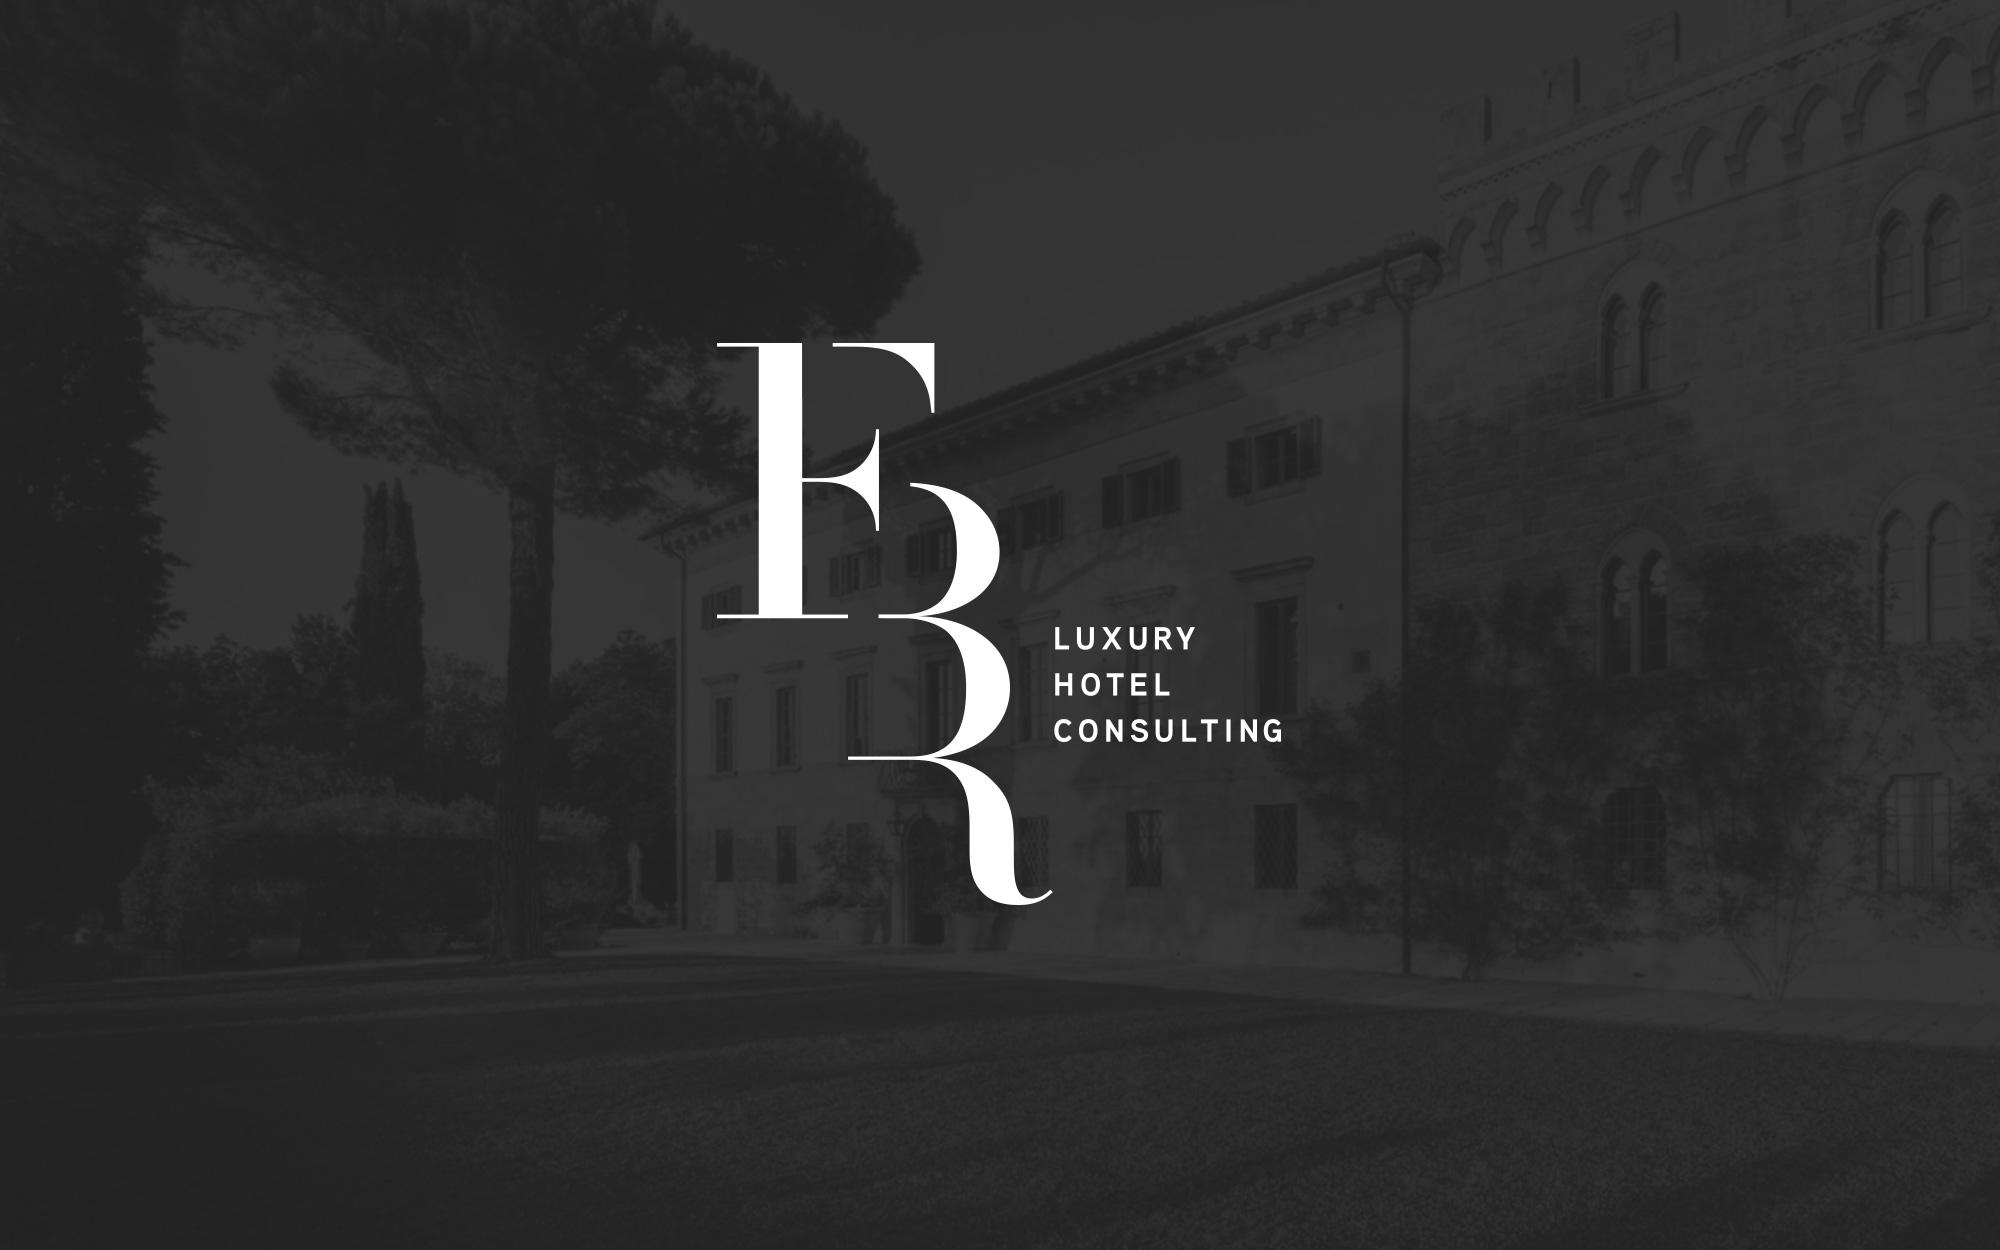 FBR Hotel Consulting Logo Design